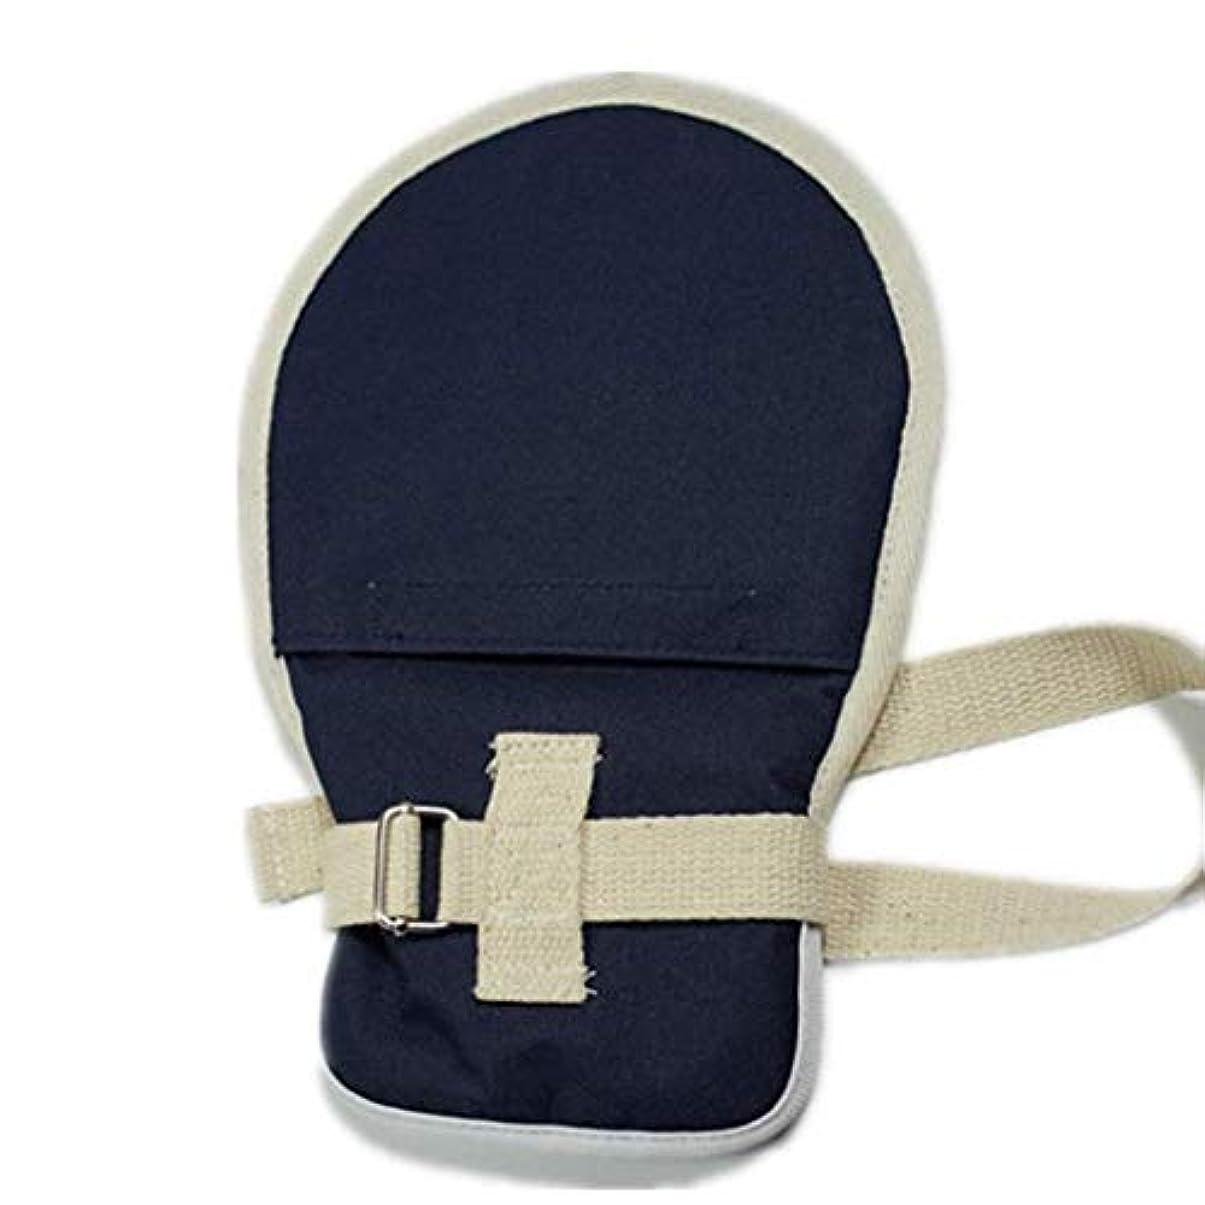 医療用拘束手袋 - 予防患者の傷自己牽引式引っ張りチューブ、自己怪我、ベッドレスト